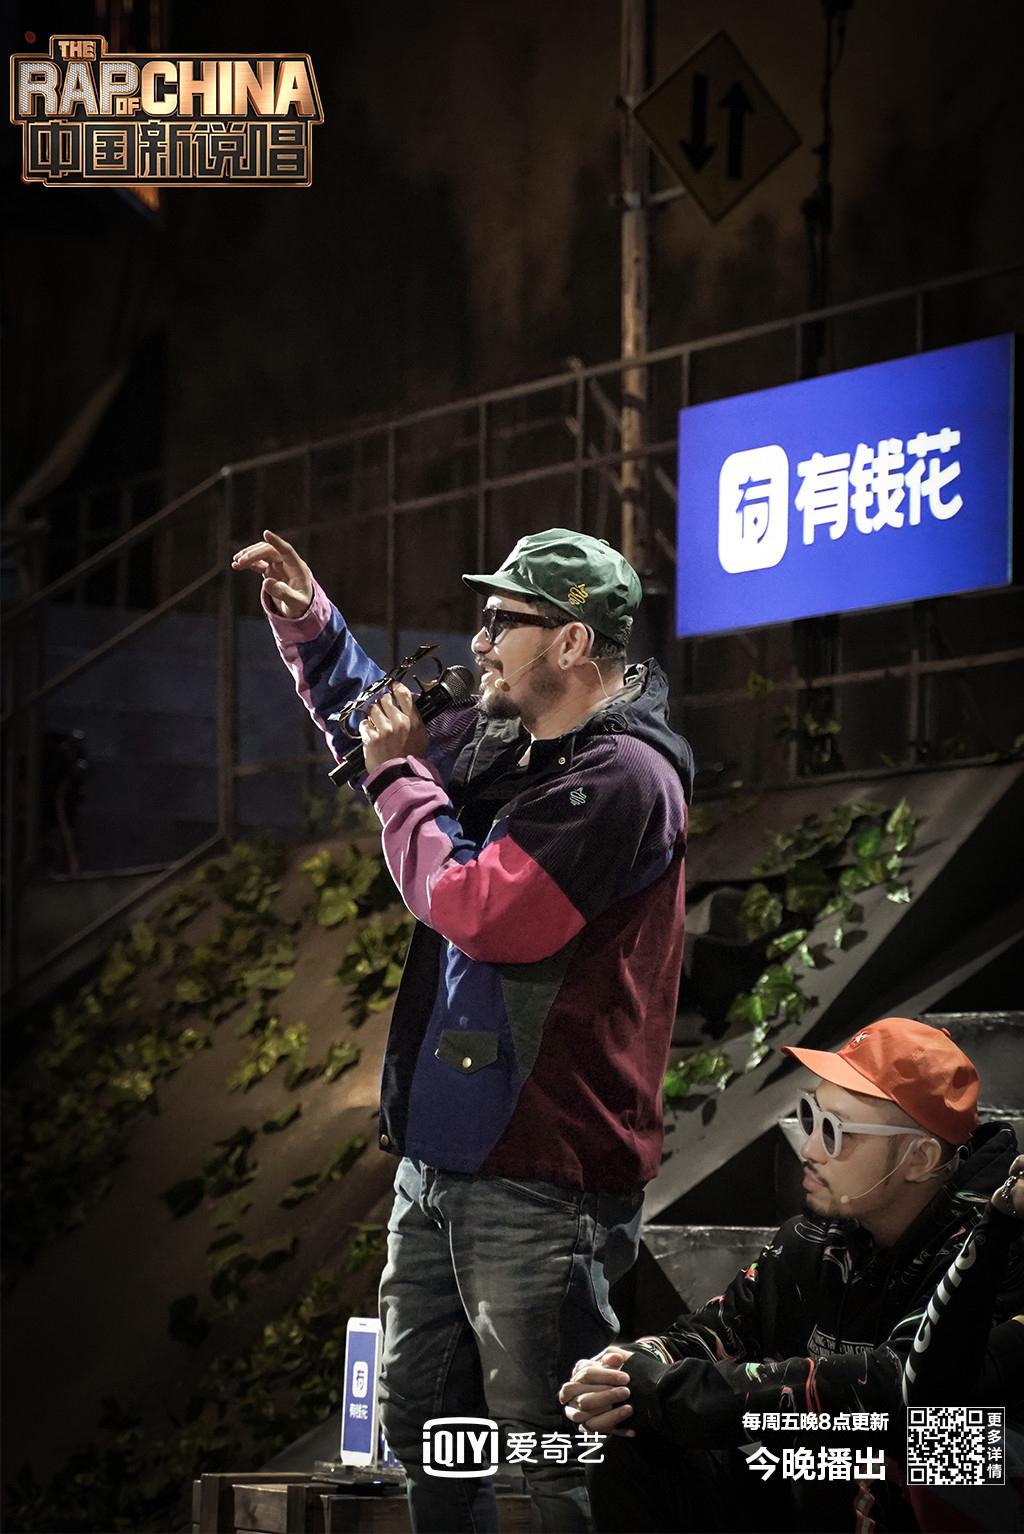 《中国新说唱》2019潮流带货 网友高呼求同款